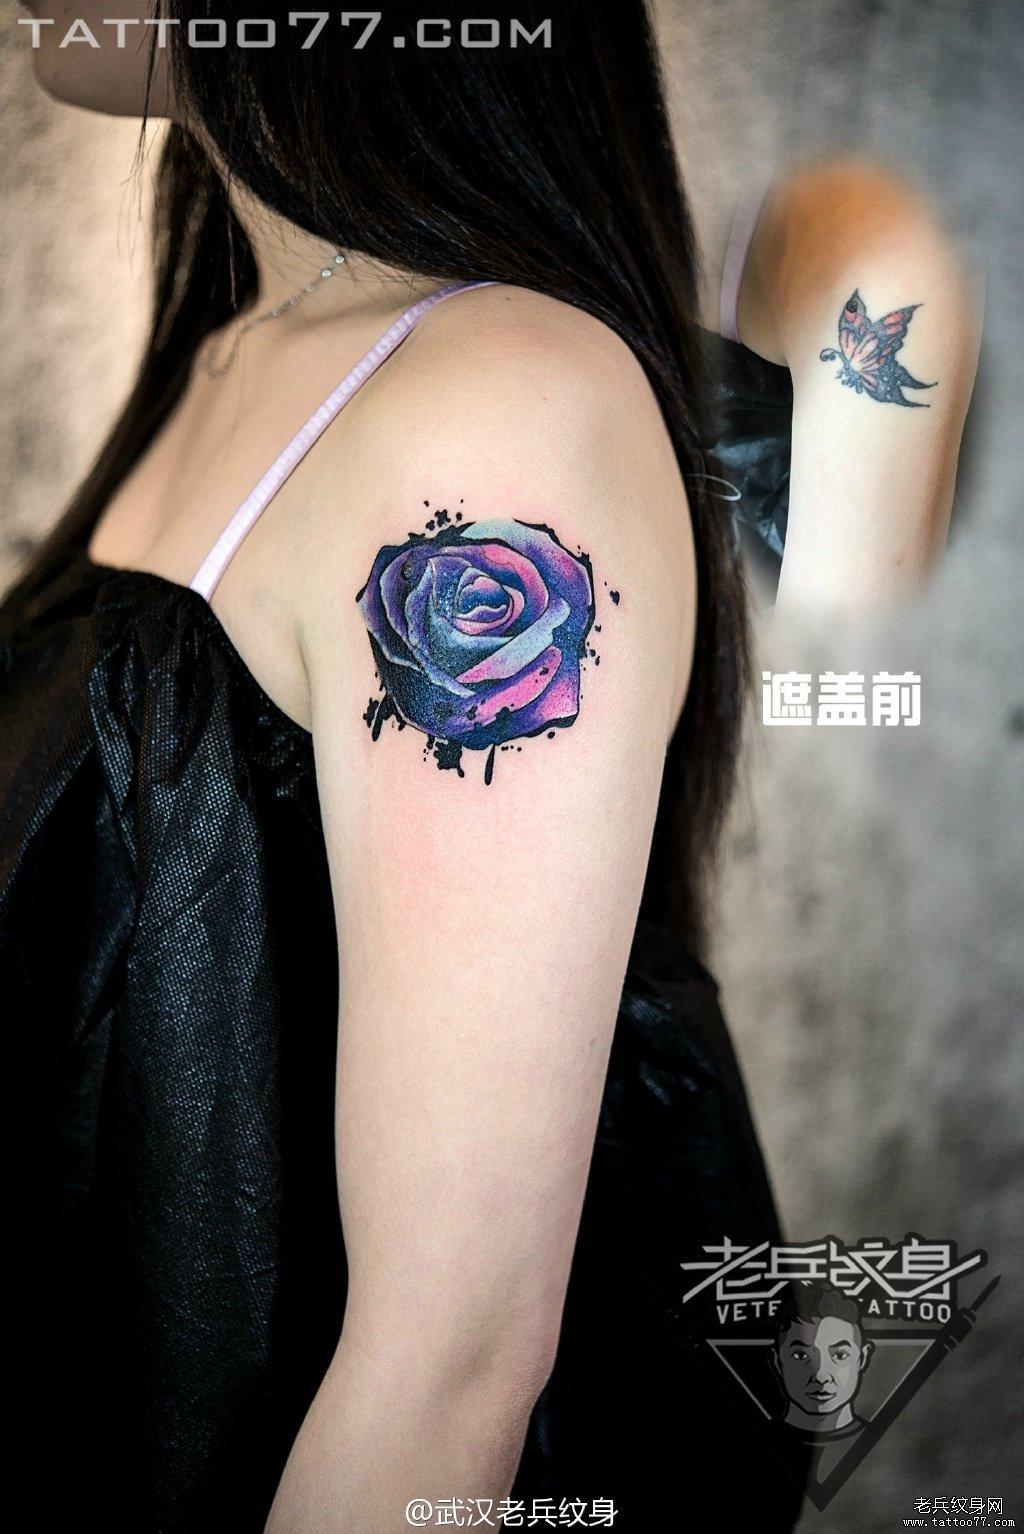 纹身图案大全          0 喜欢         浏览           手臂彩色玫瑰